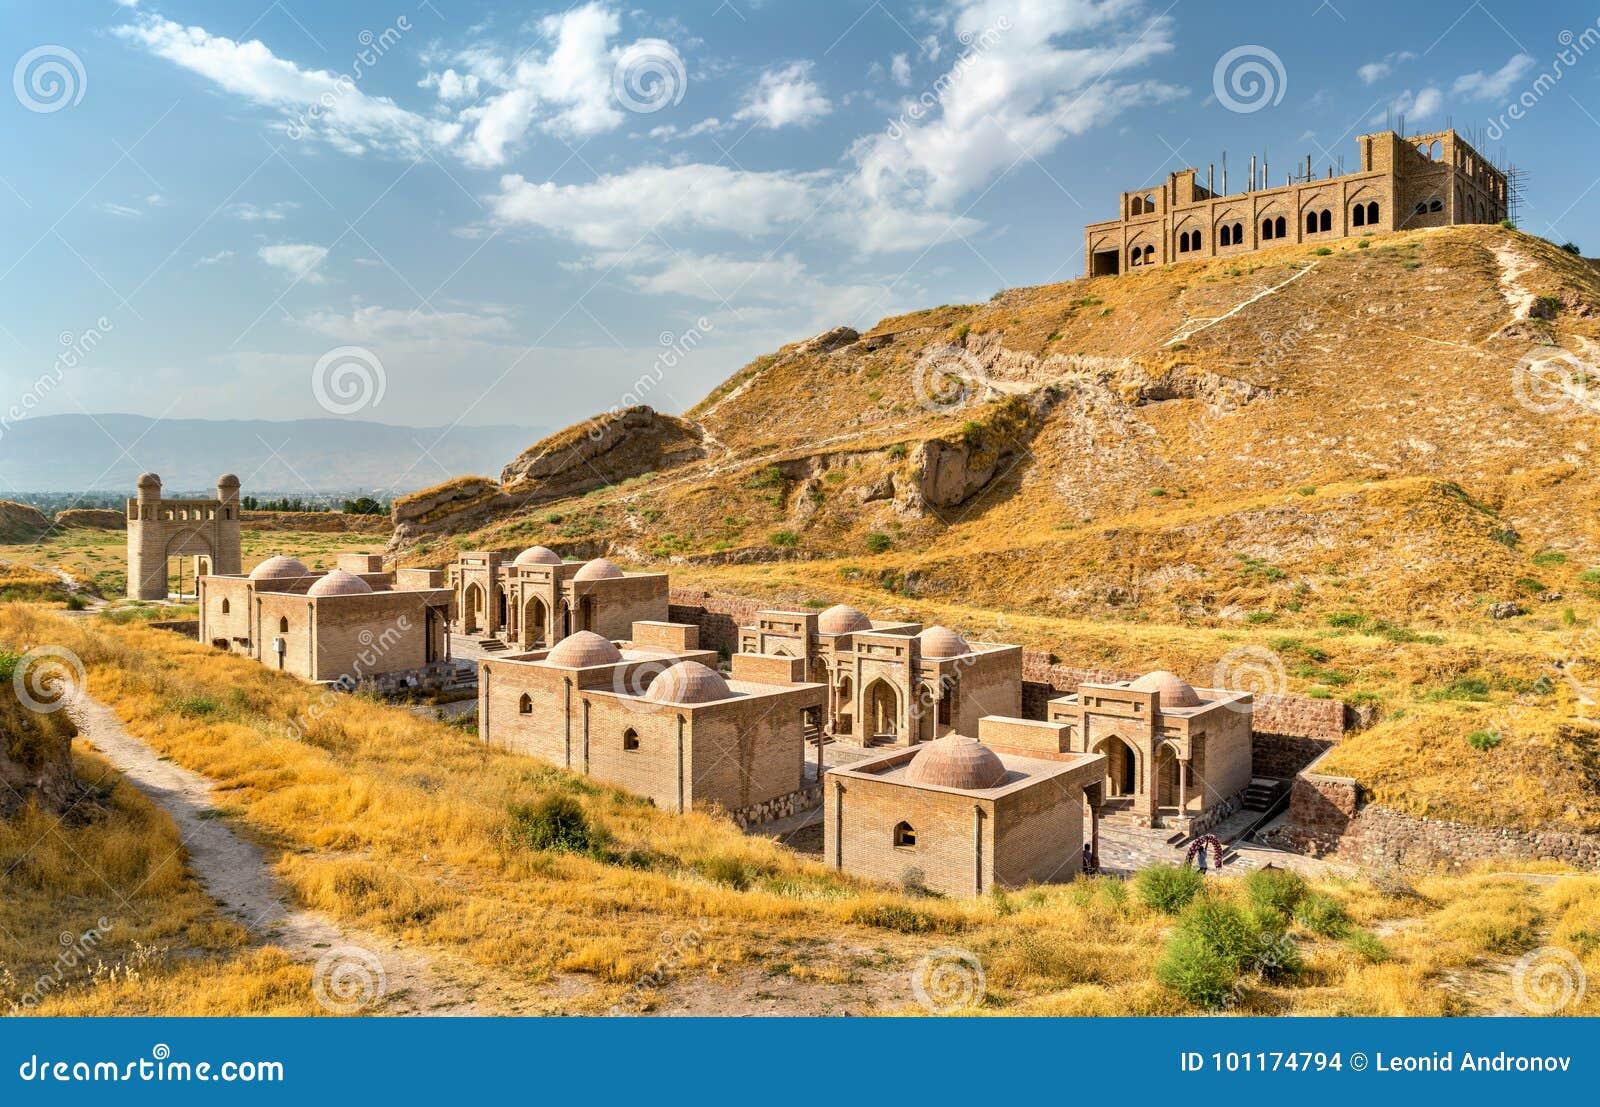 Hisor-Festung auf Tadschikistan